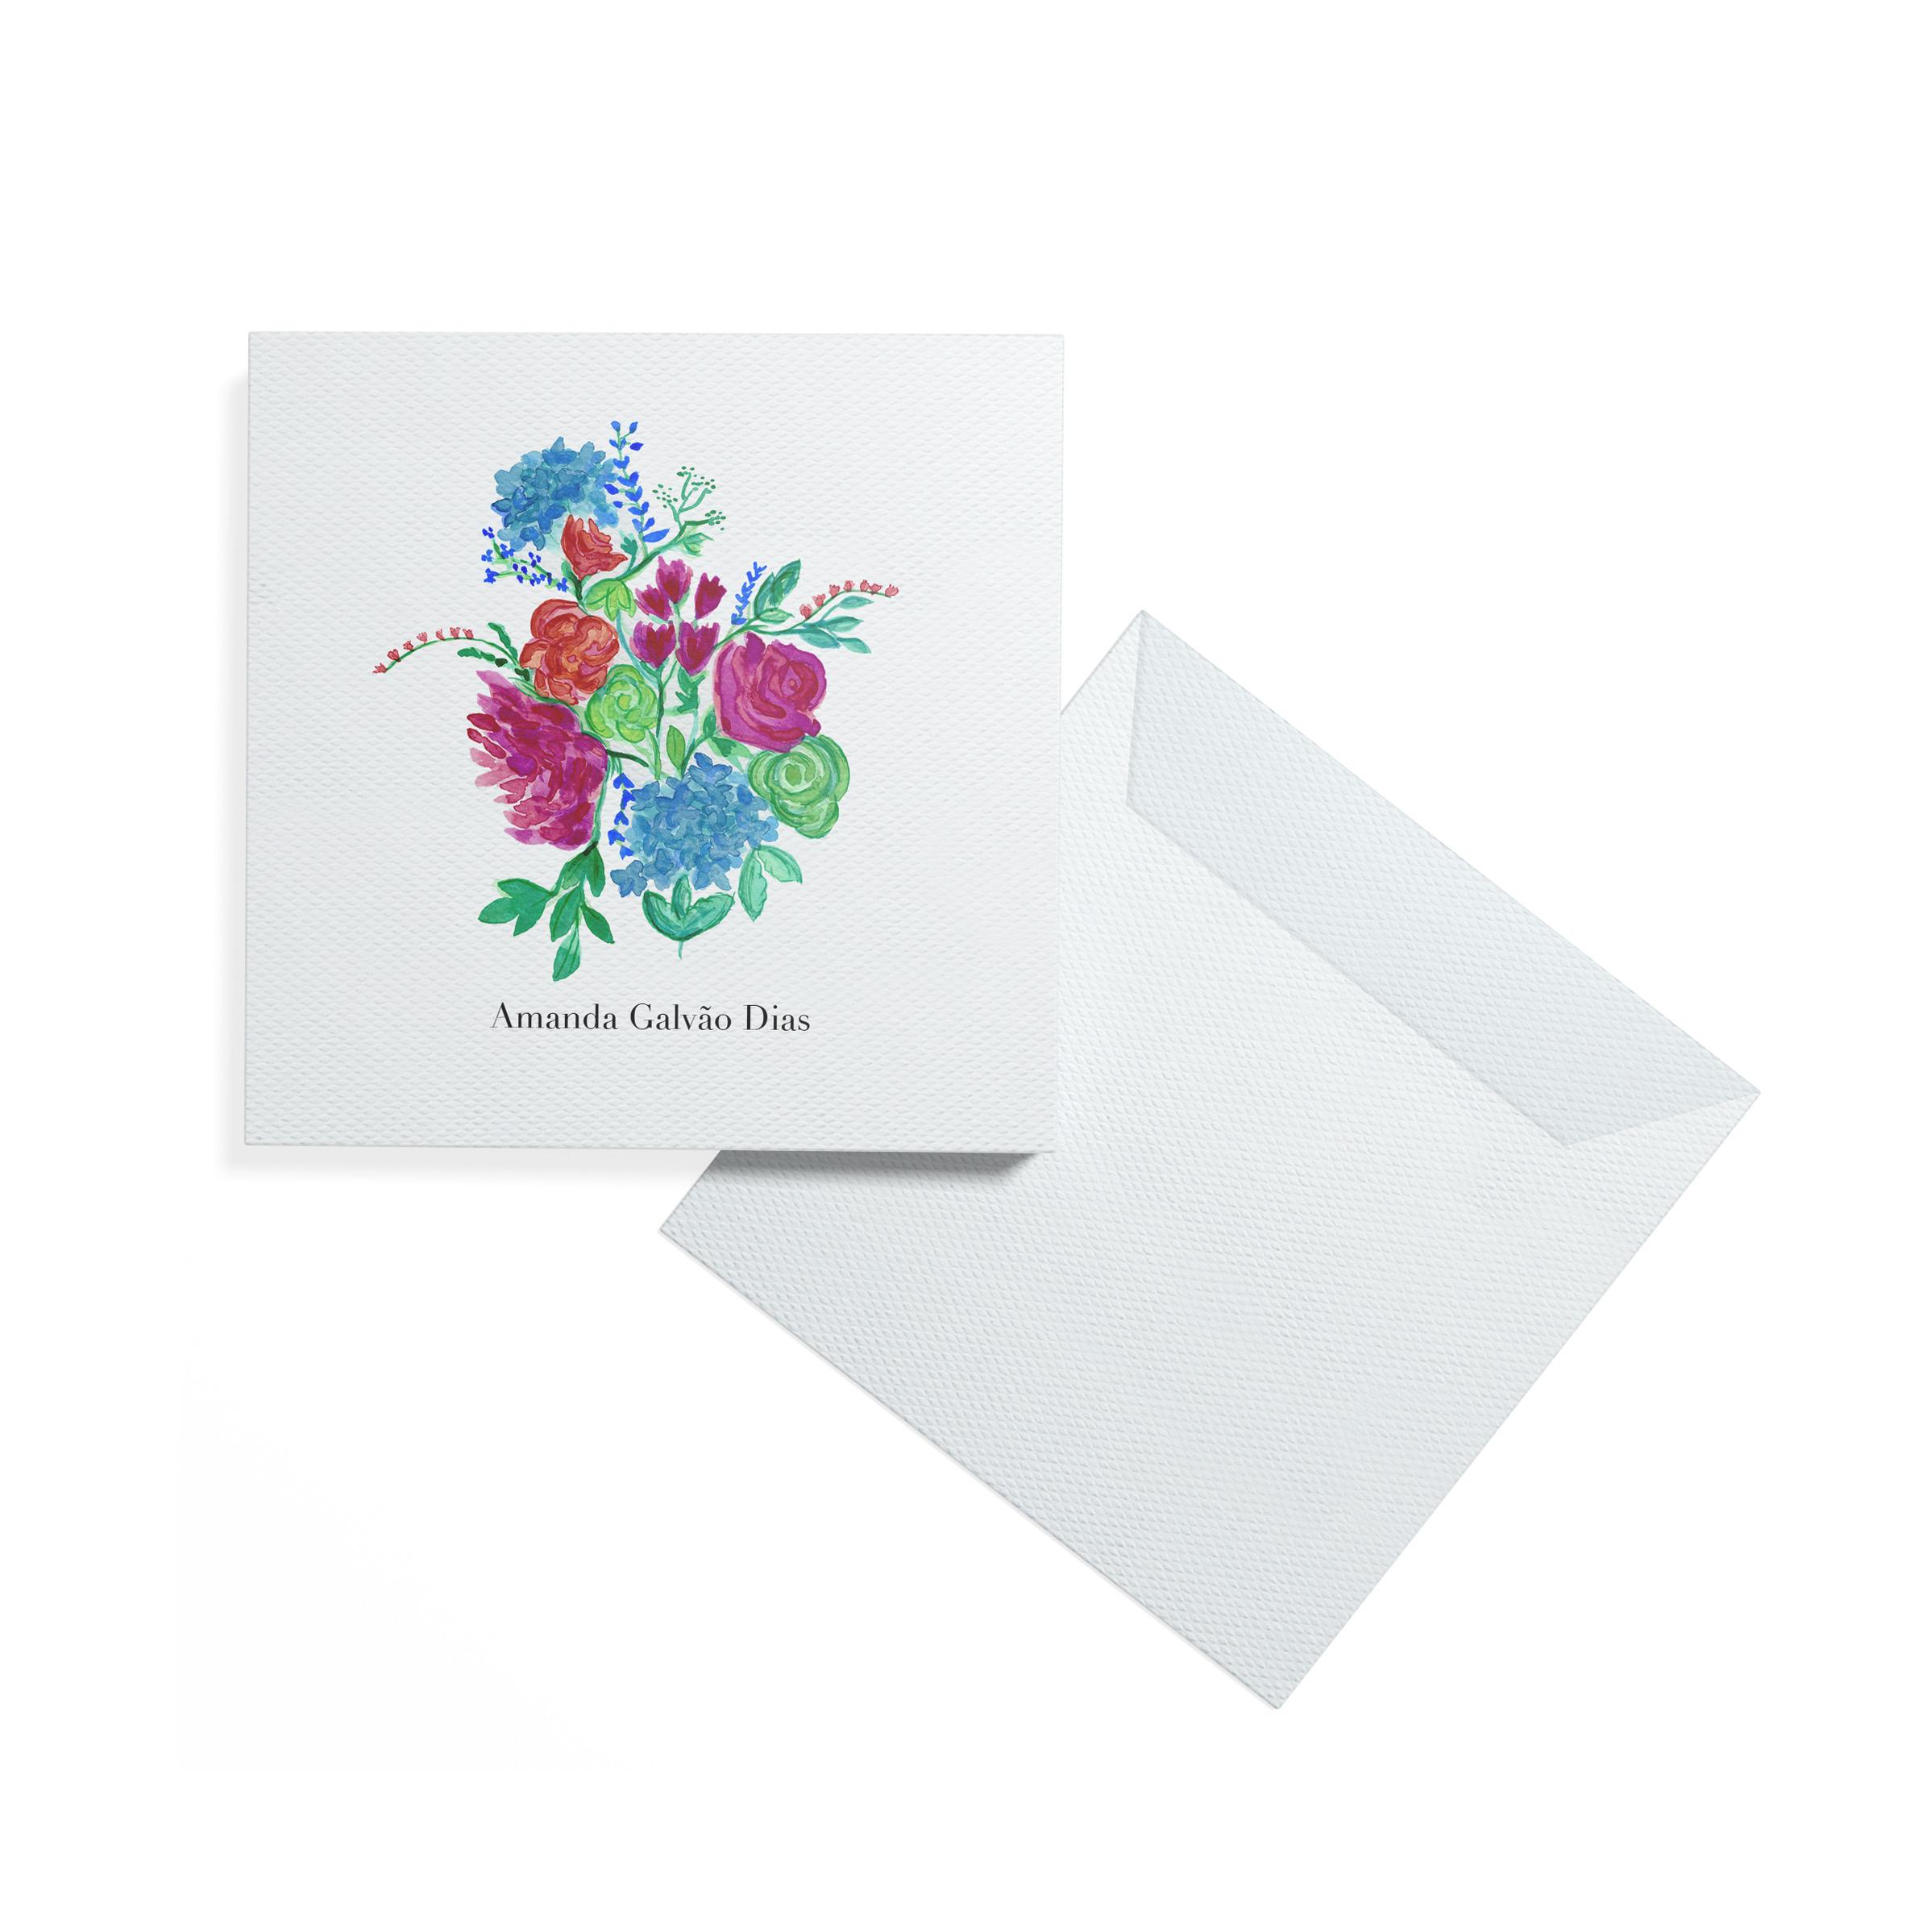 cartão_modelo_fundo_branco_flores